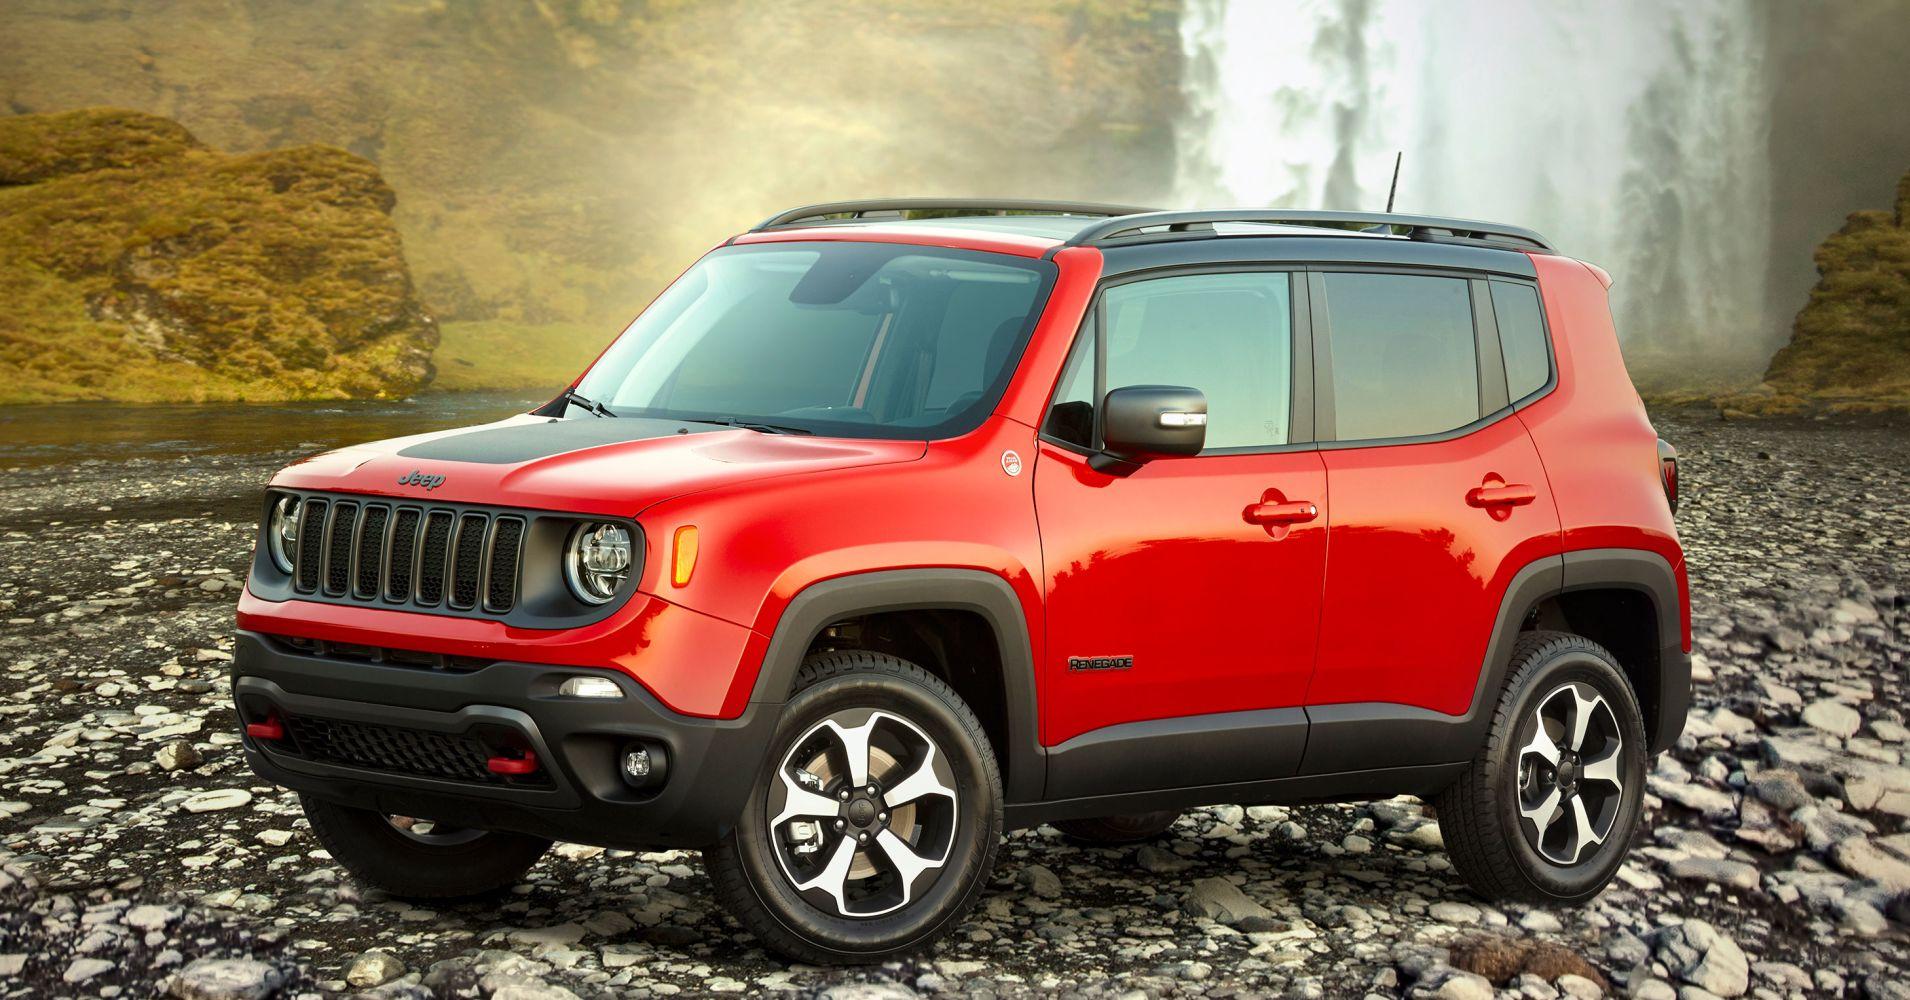 Comienza A Prepararse La Produccion Del Jeep Renegade Hibrido Enchufable Forococheselectricos